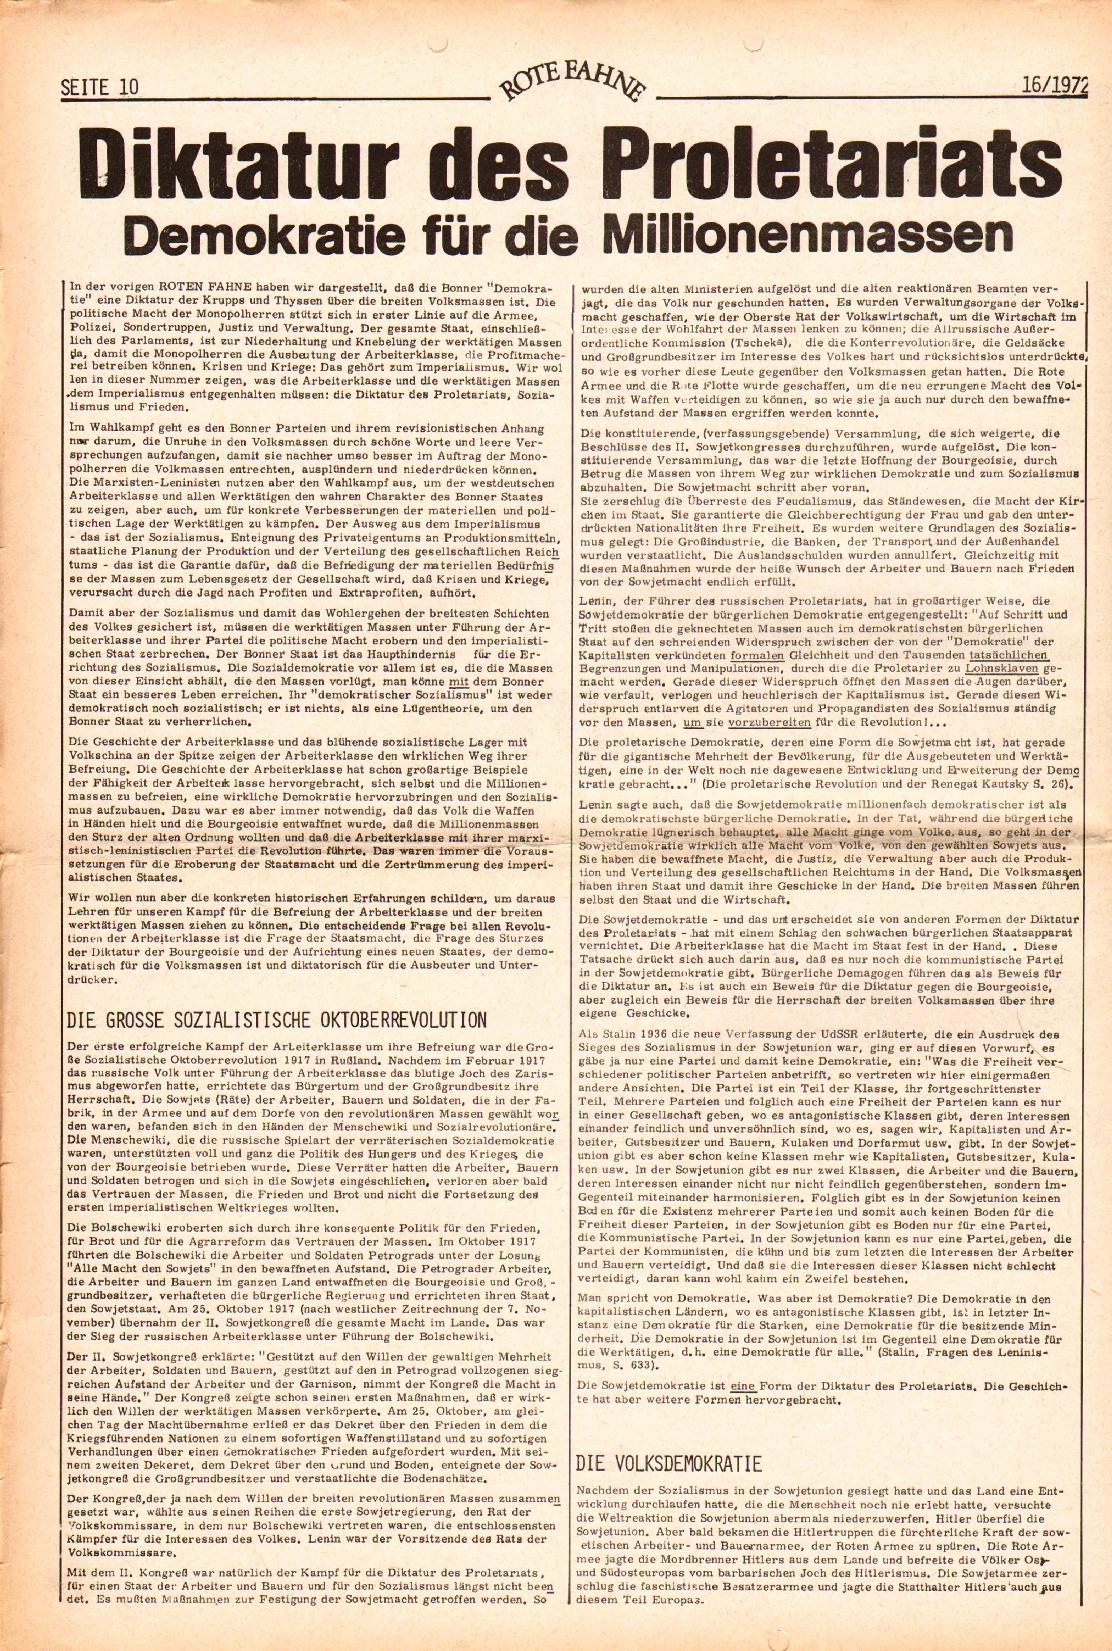 Rote Fahne, 3. Jg., 7.8.1972, Nr. 16, Seite 10